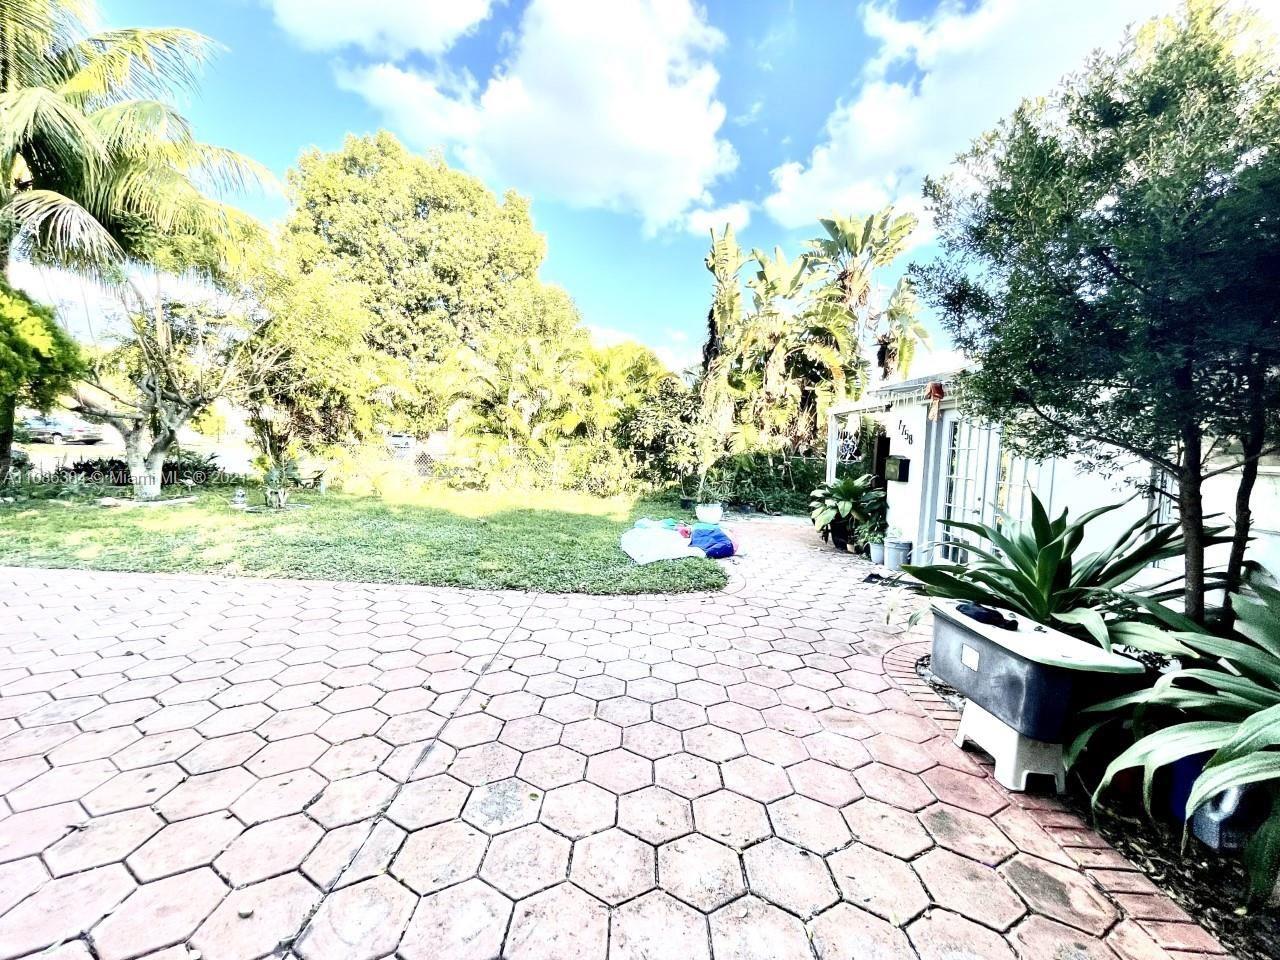 1758 NE 176 ST., North Miami Beach, FL 33162 - #: A11086384